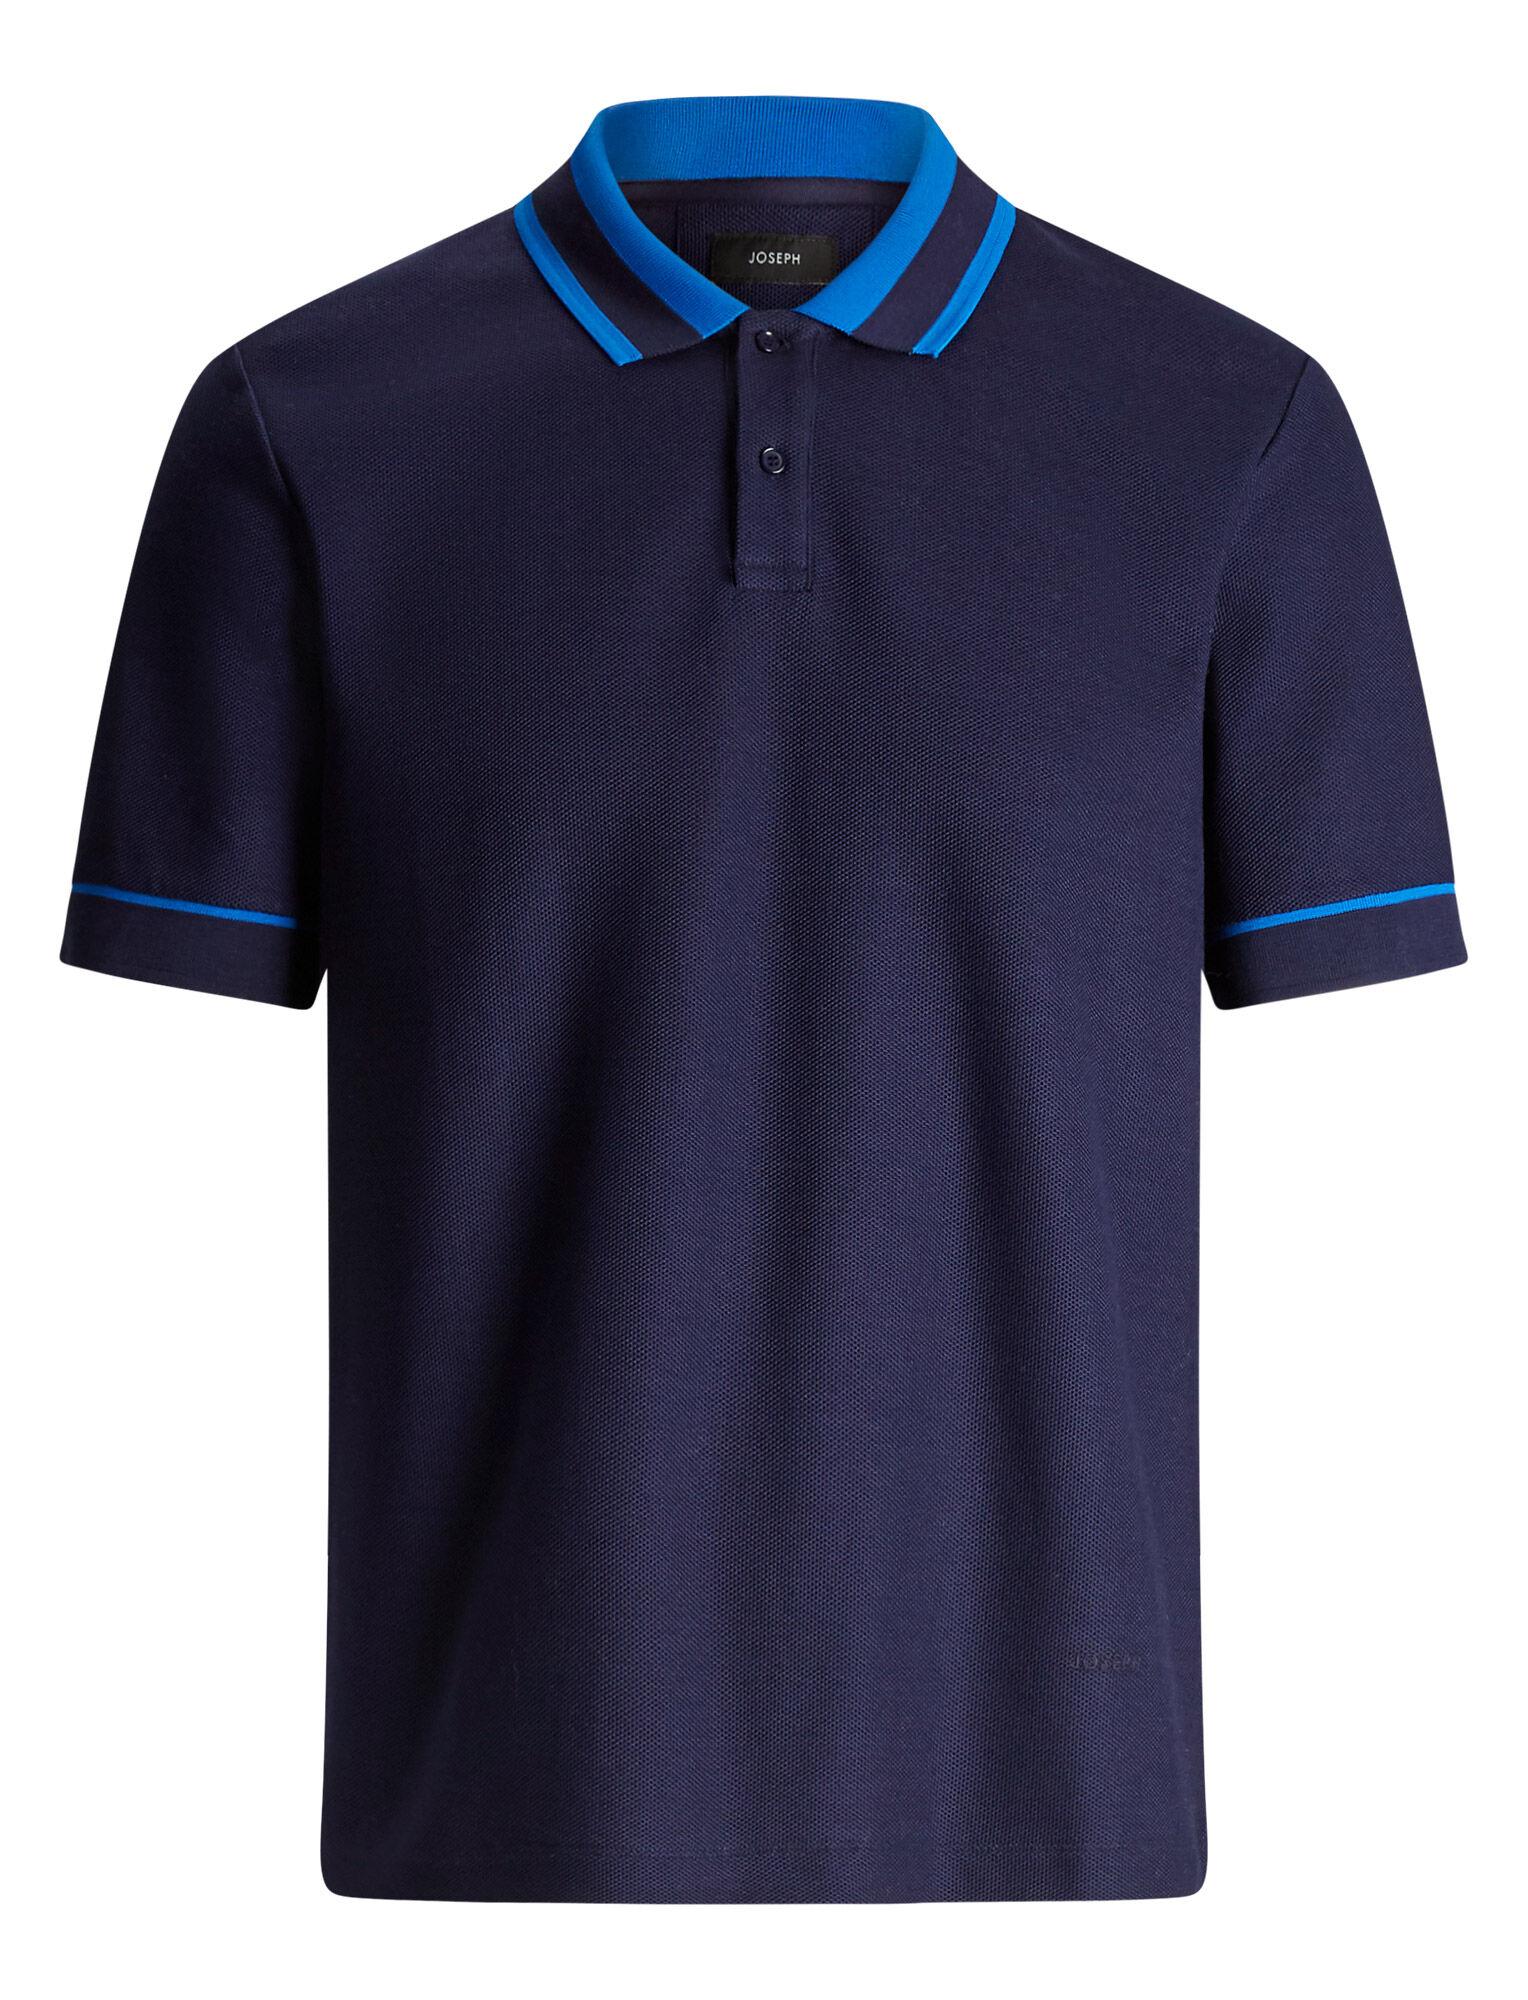 Joseph, Polo Piqué Jersey tee, in ROYAL BLUE